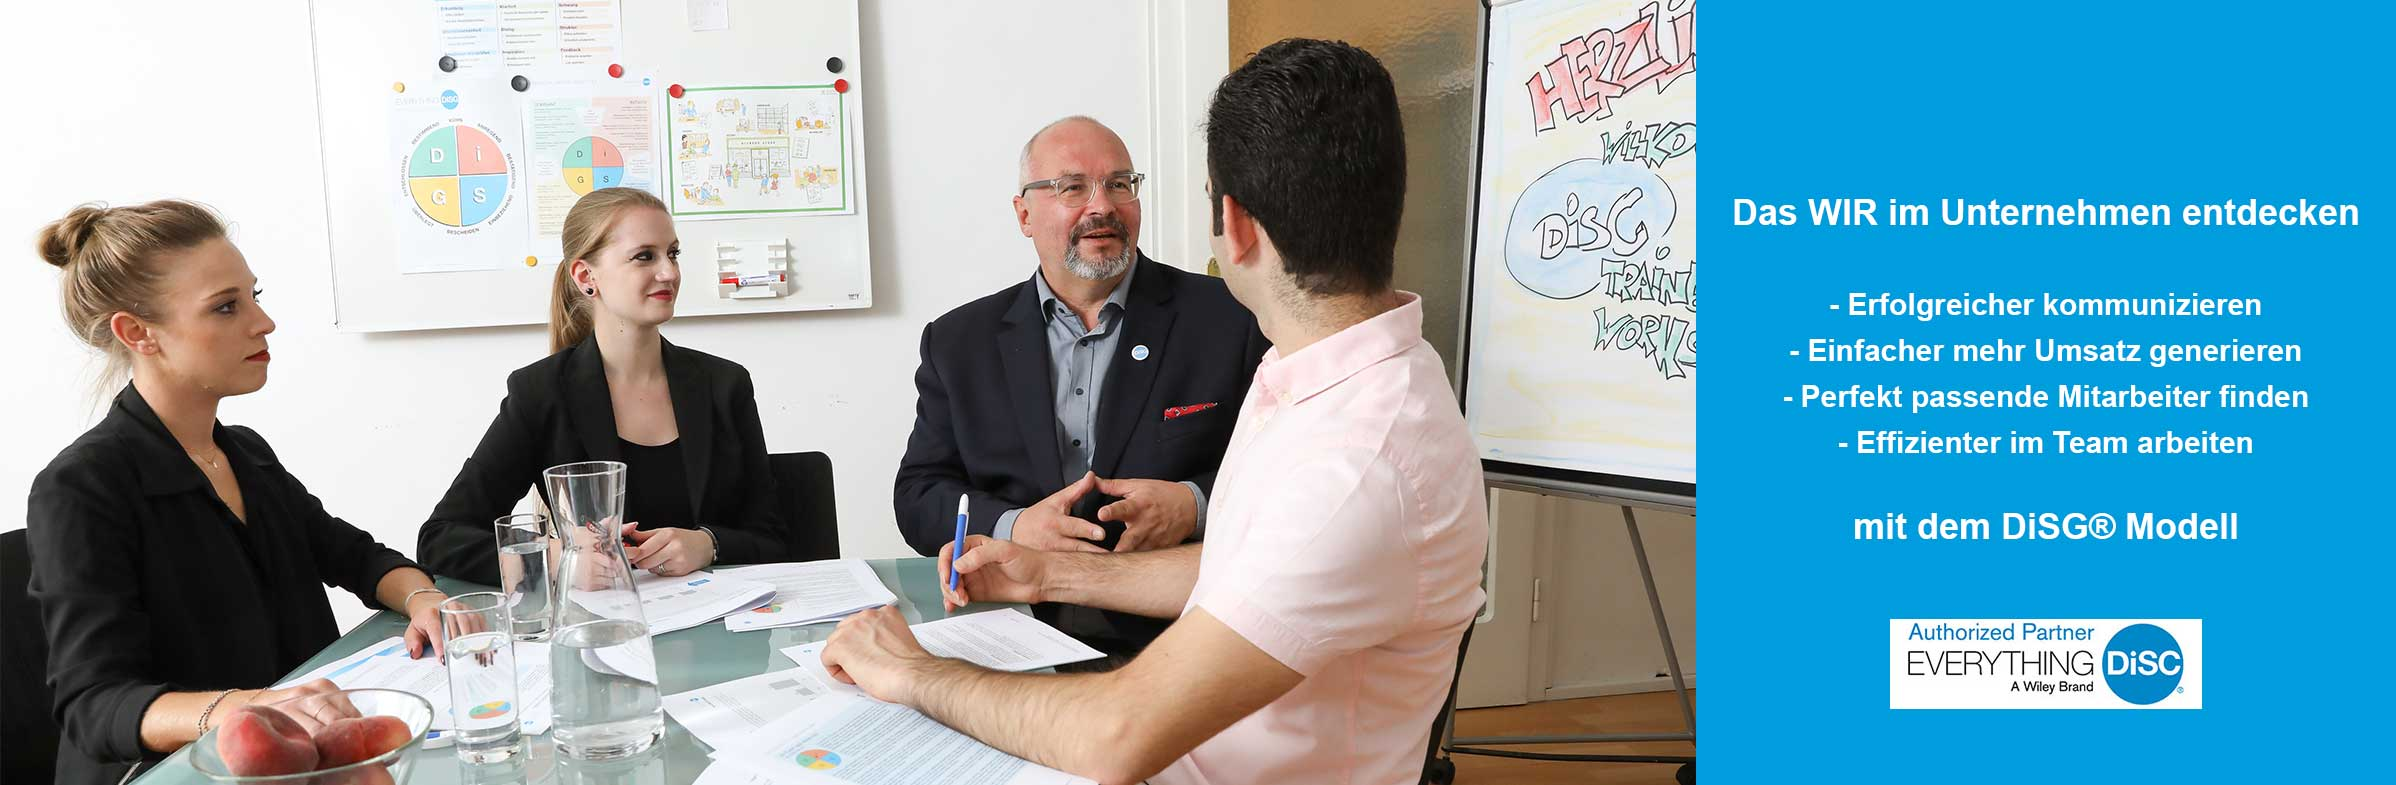 Mit Everything DiSG® das WIR in Unternehmen entdecken